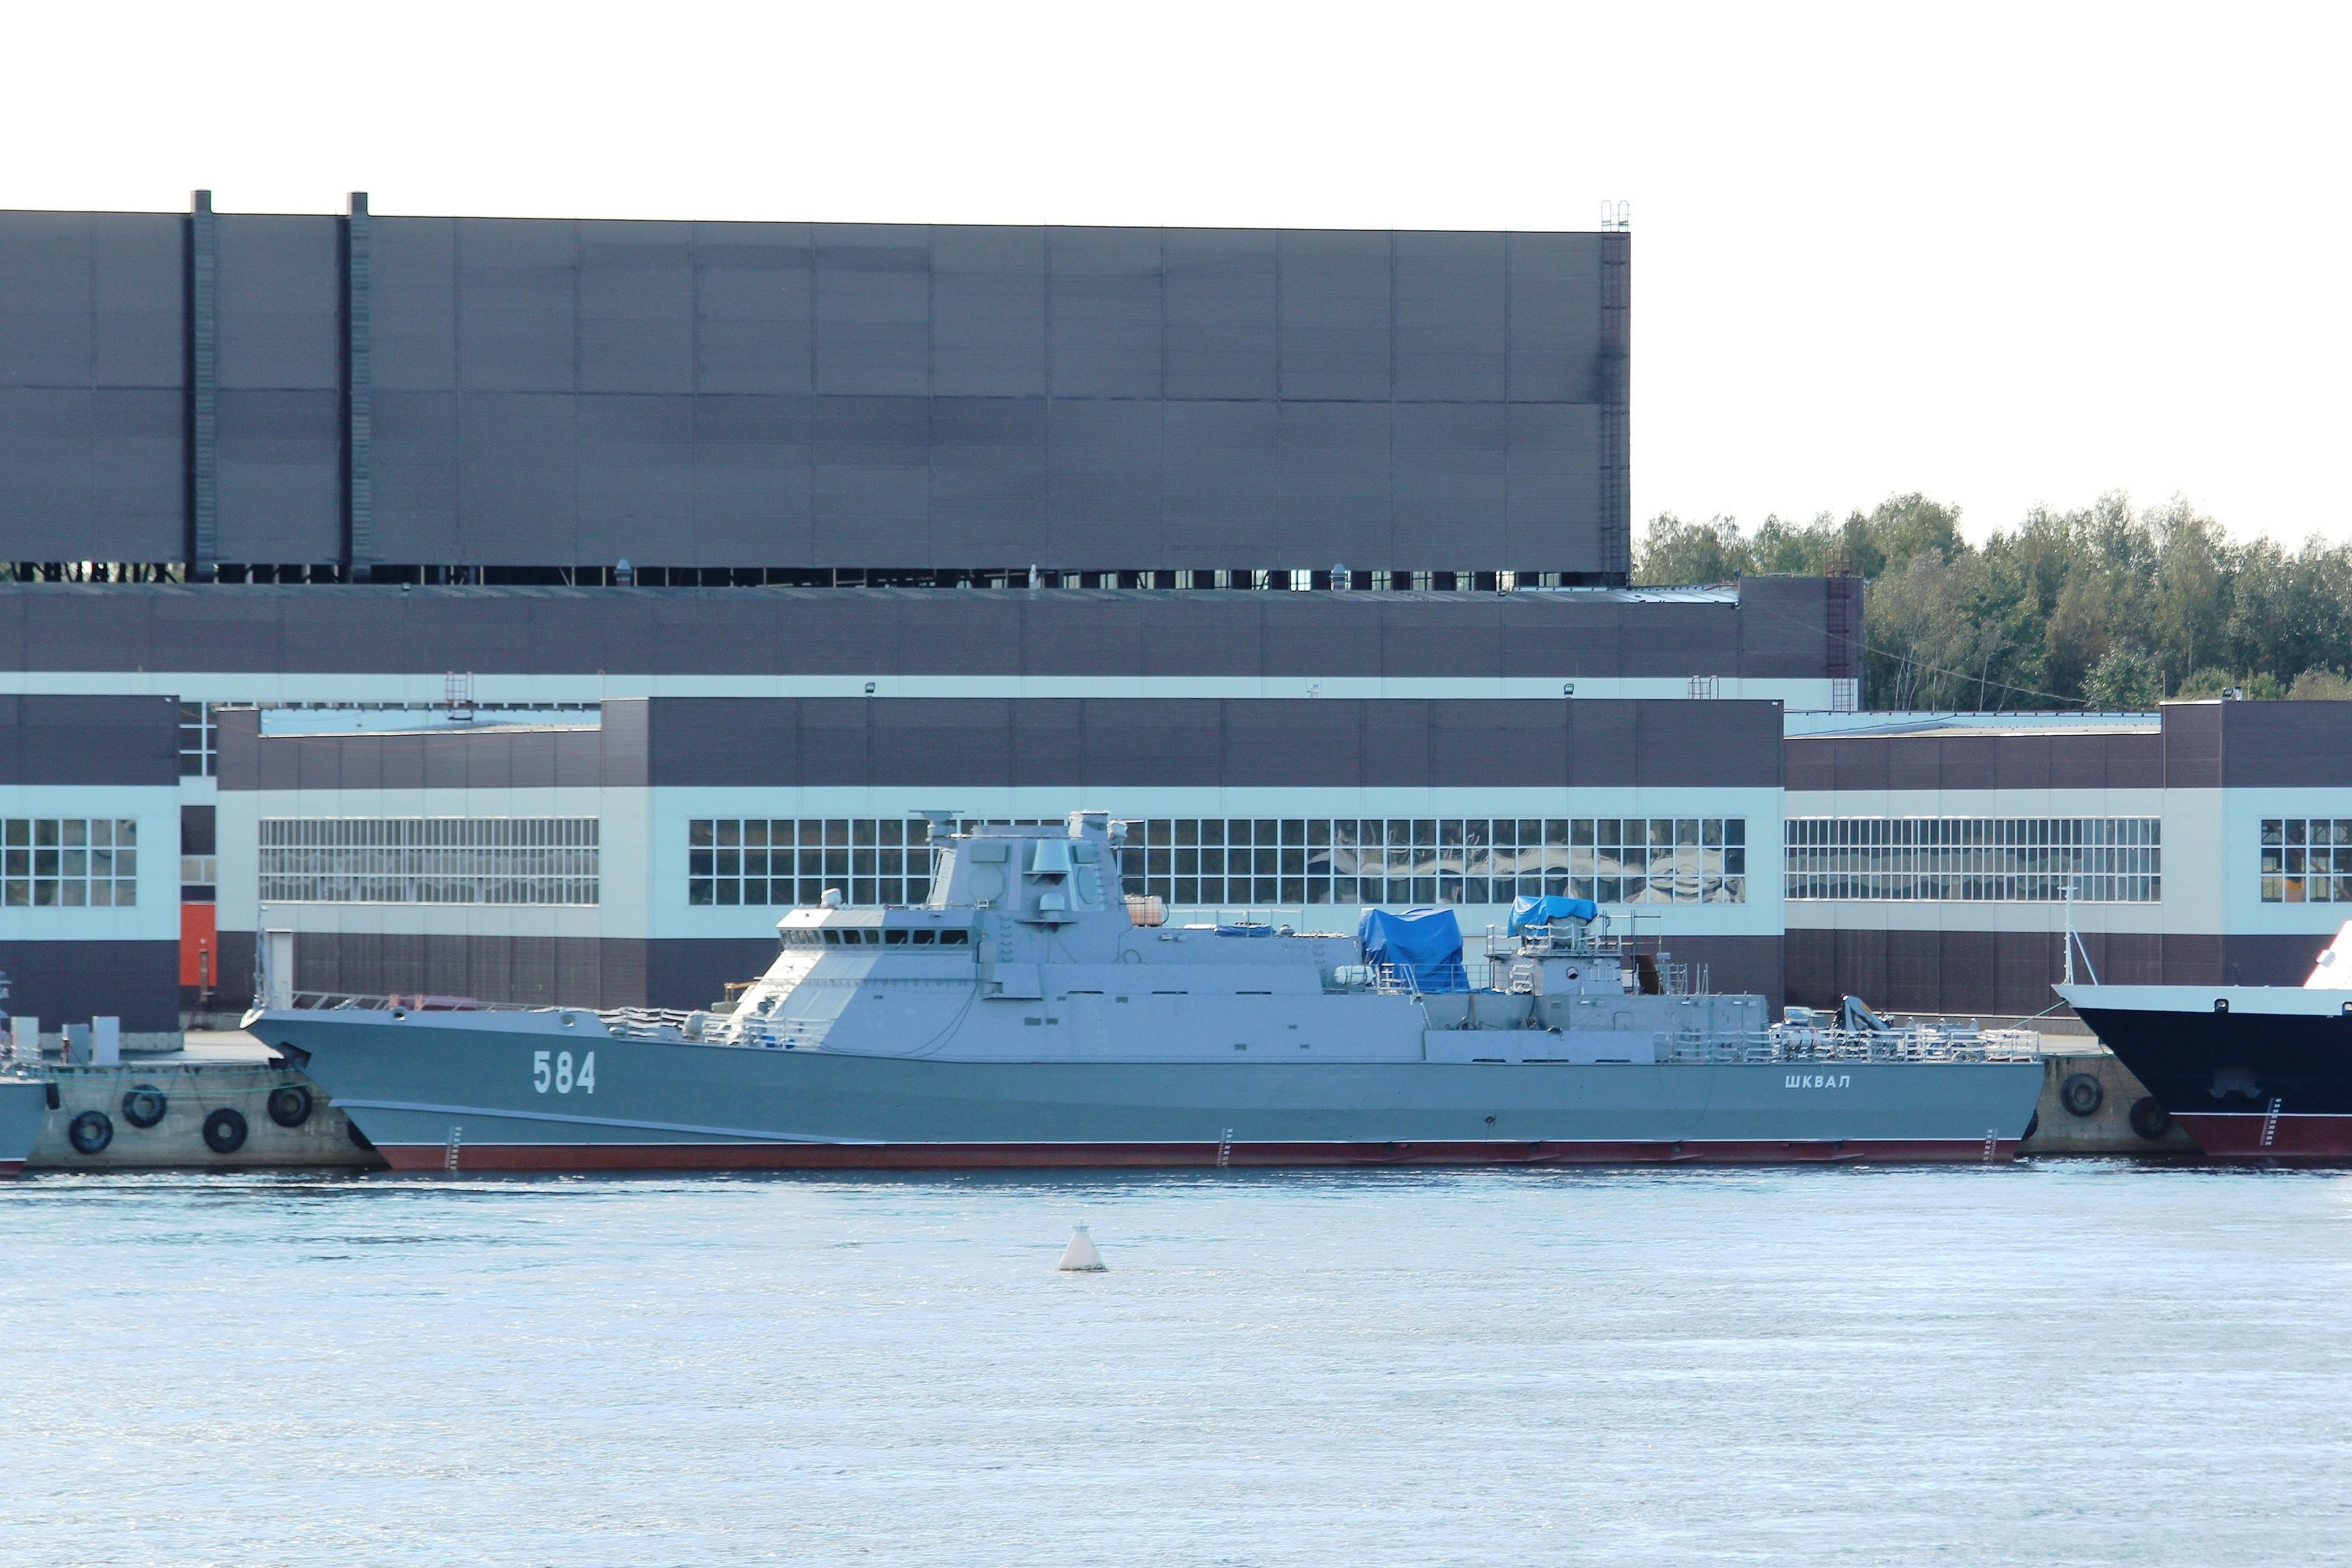 """Project 22800: """"Karakurt"""" class missile ship - Page 22 23-6698781-22800-shkval-odintsovo-ssz-pella-23.09.2018"""